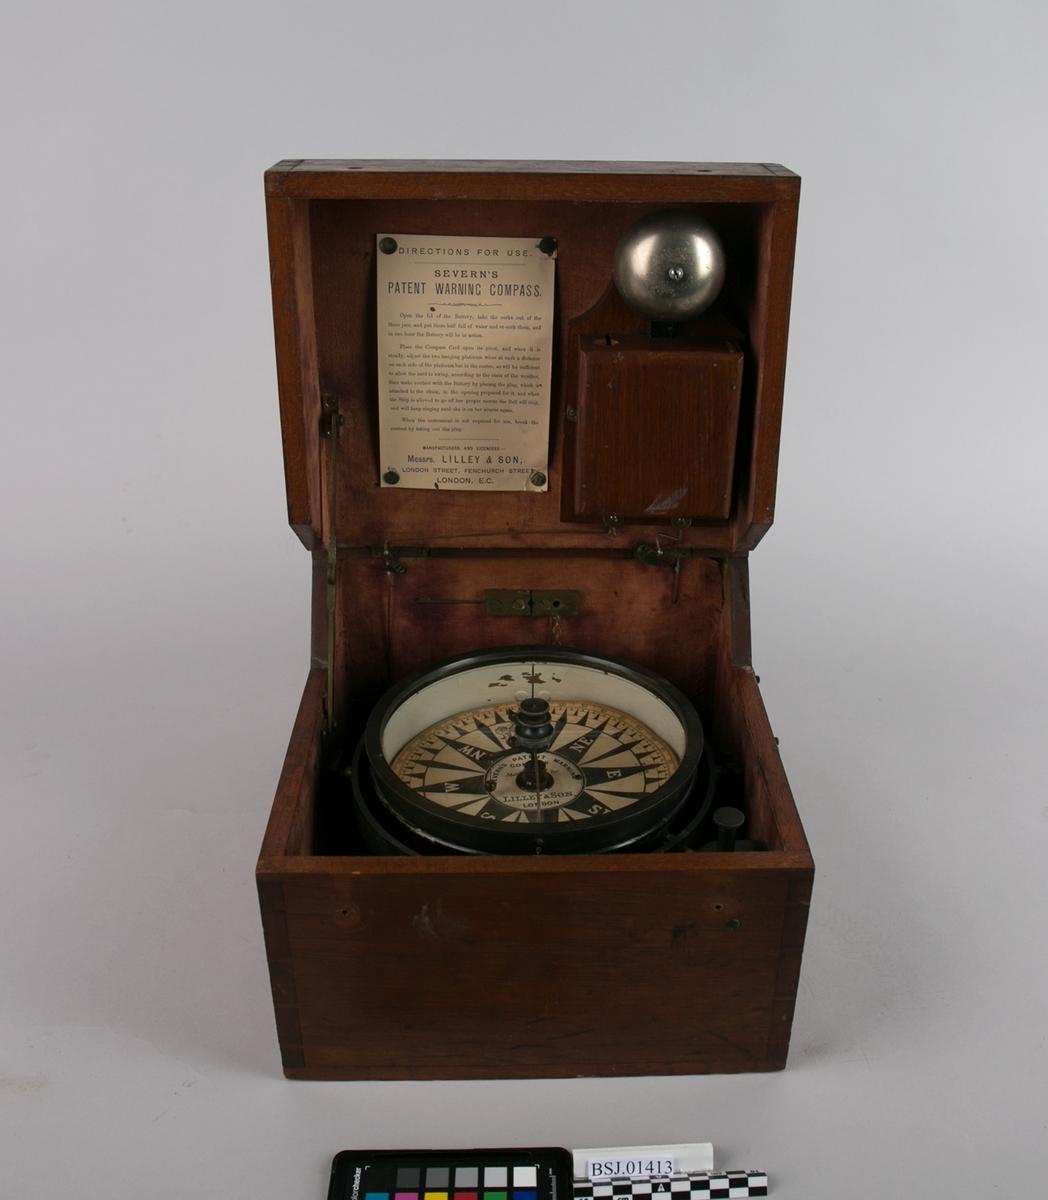 Kompass. Sladrekompass type Severin`s patent warning compass i slingrebøyle montert i trekasse med ringeklokke og batteri (batteri er fjernet).